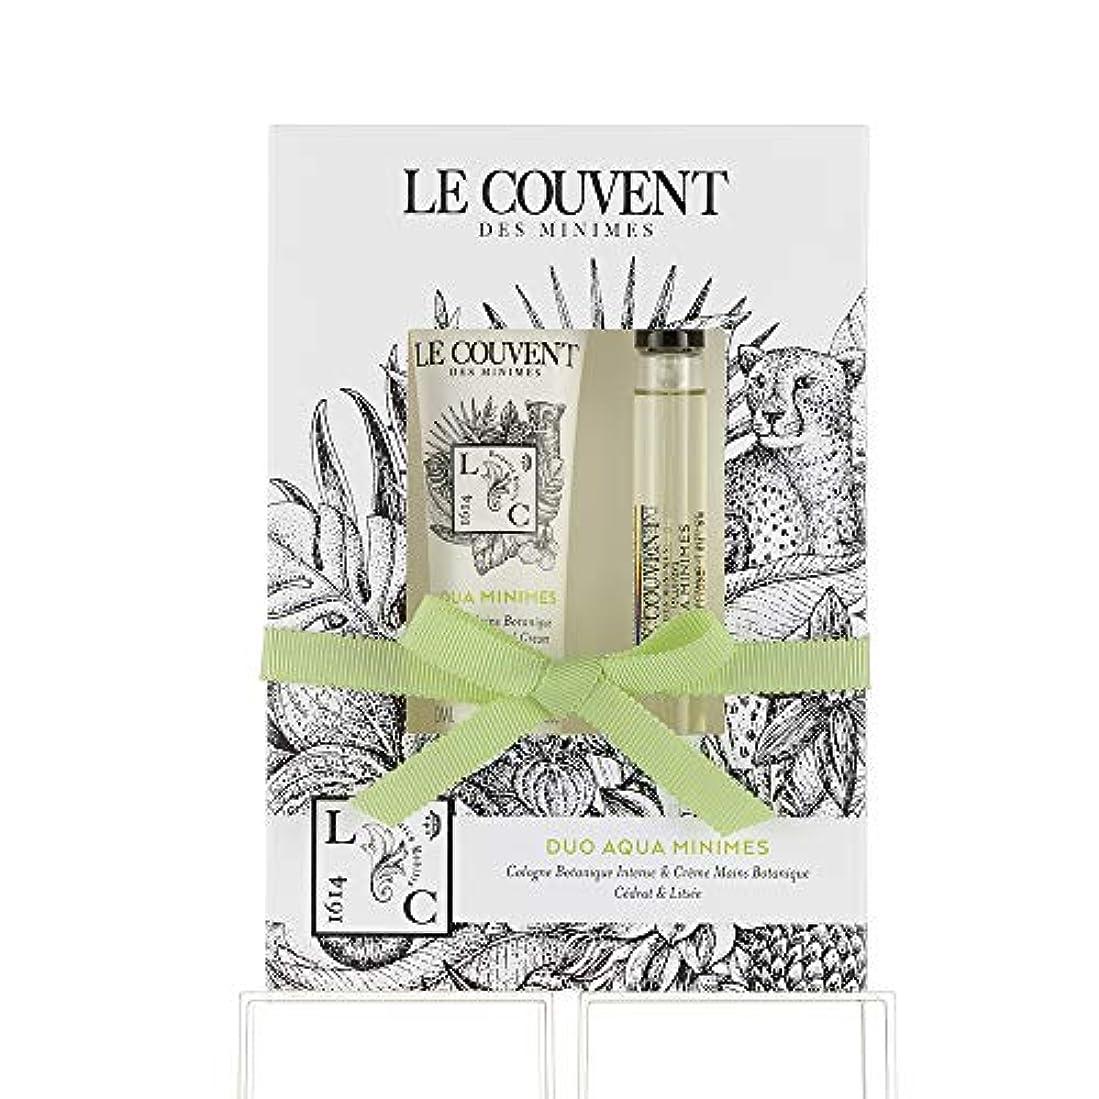 ペンフレンド相手ライタークヴォン?デ?ミニム(Le Couvent des Minimes) ボタニカルデュオ ボタニカルコロン アクアミニム10mL×1、アクアミニム ハンドクリーム30g×1